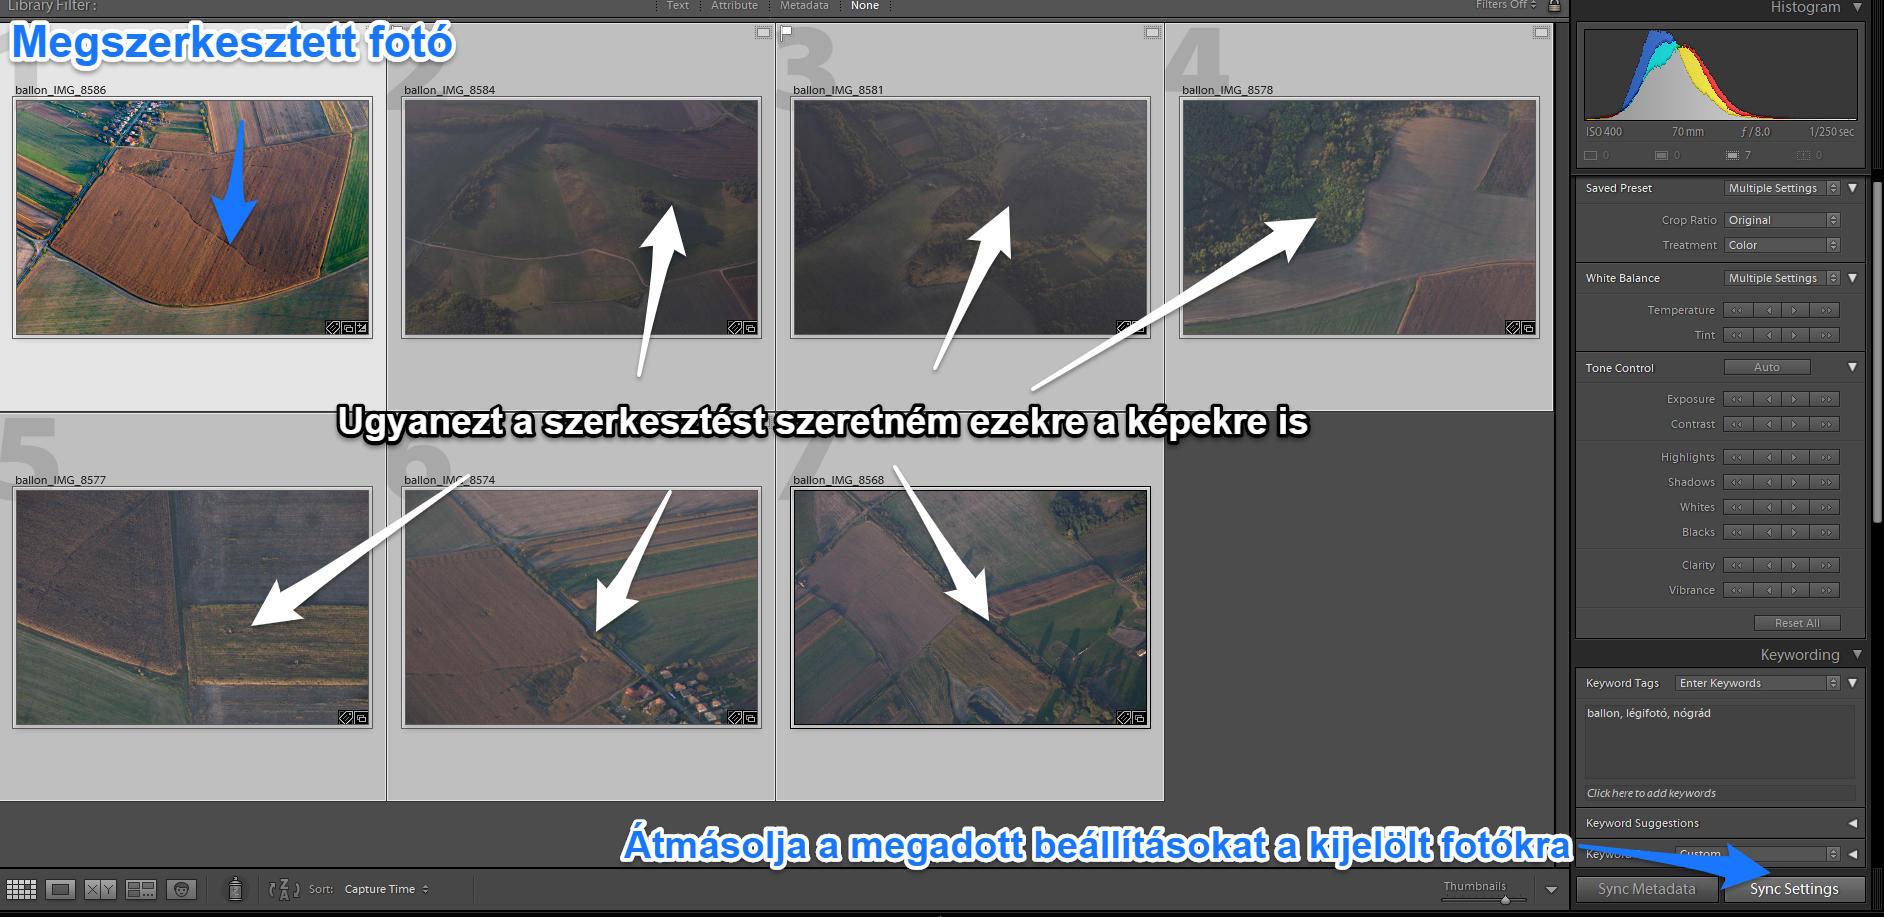 Egy fotó szerkesztési beállításait könnyedén átmásolhatjuk tetszőleges számú más fotóra